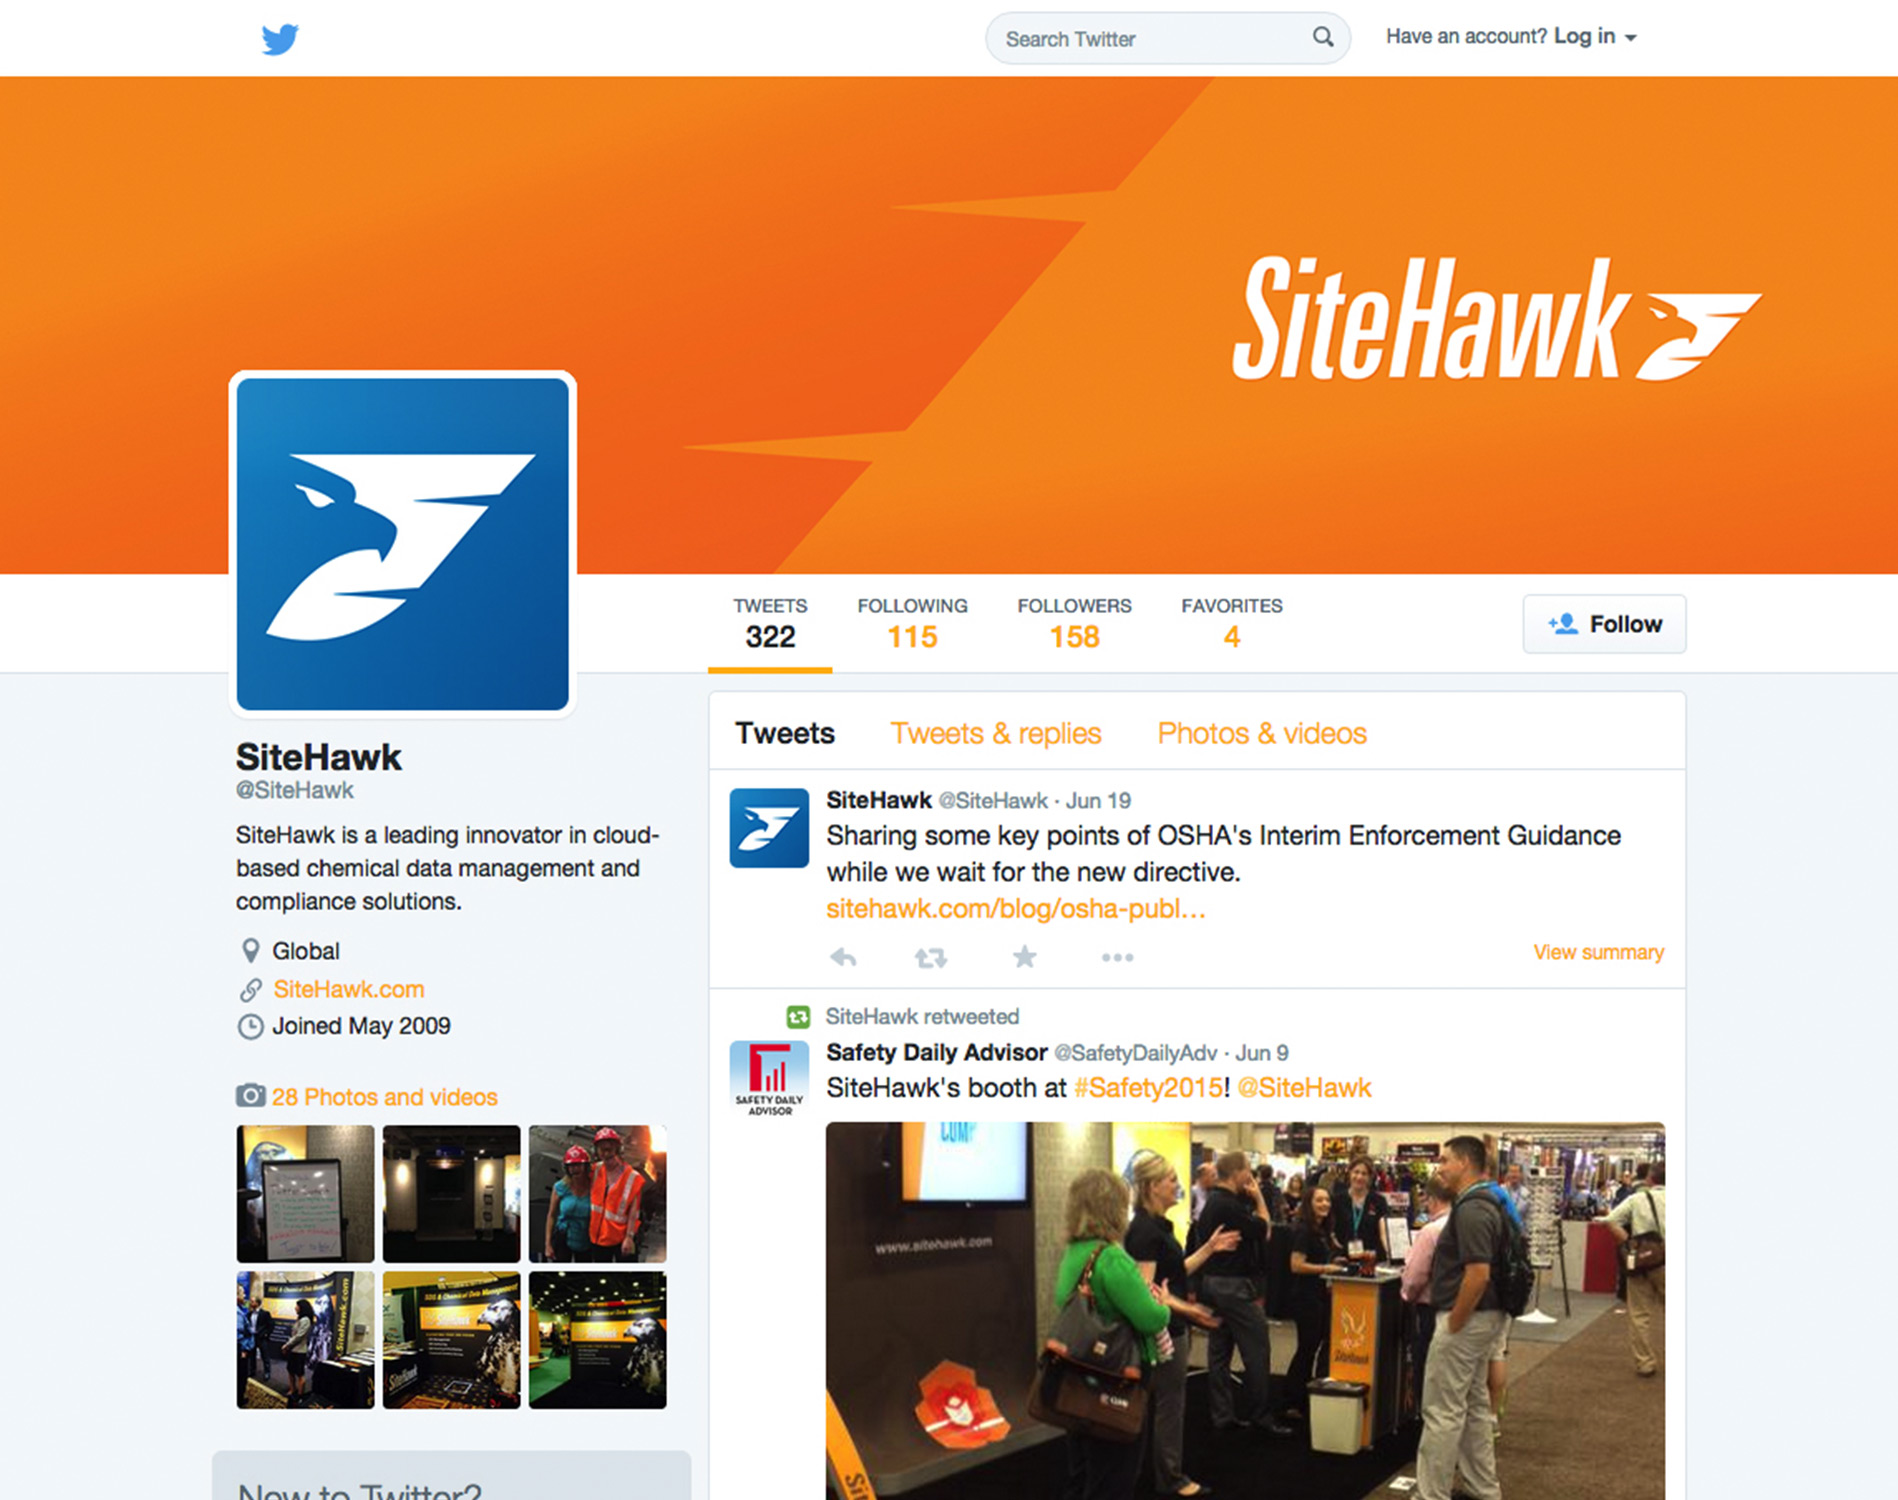 WEBSITE_SHAWK_Twitter